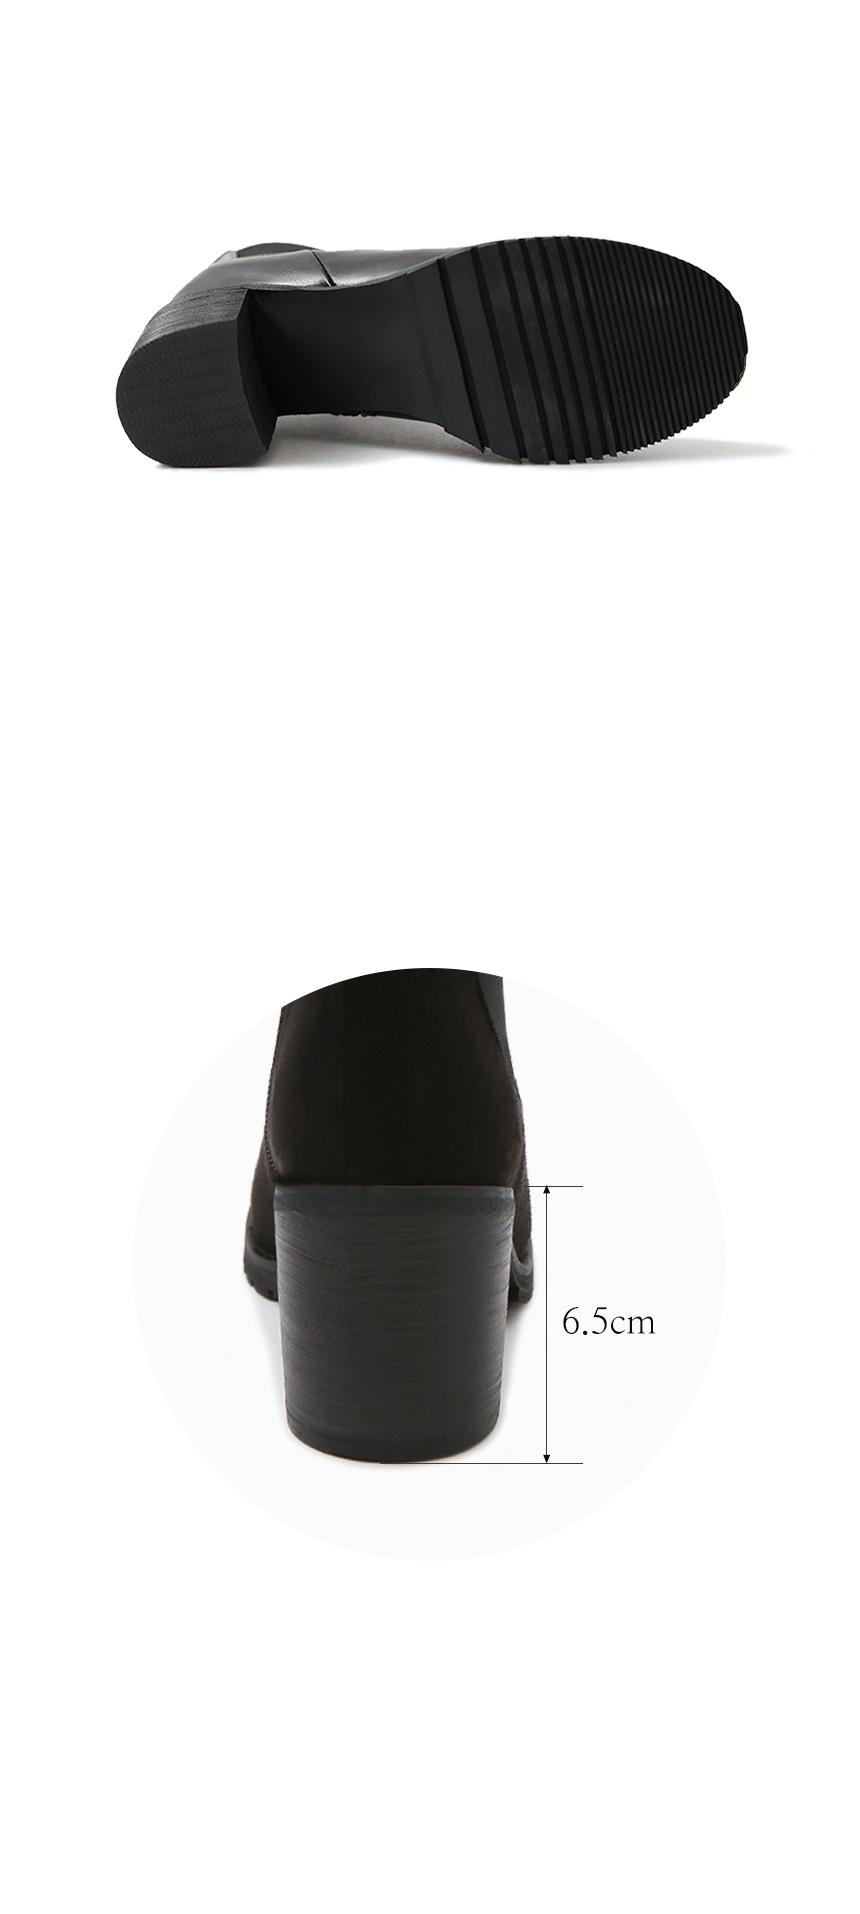 데일리슈 Mia Chelsea Boots (6.5cm)